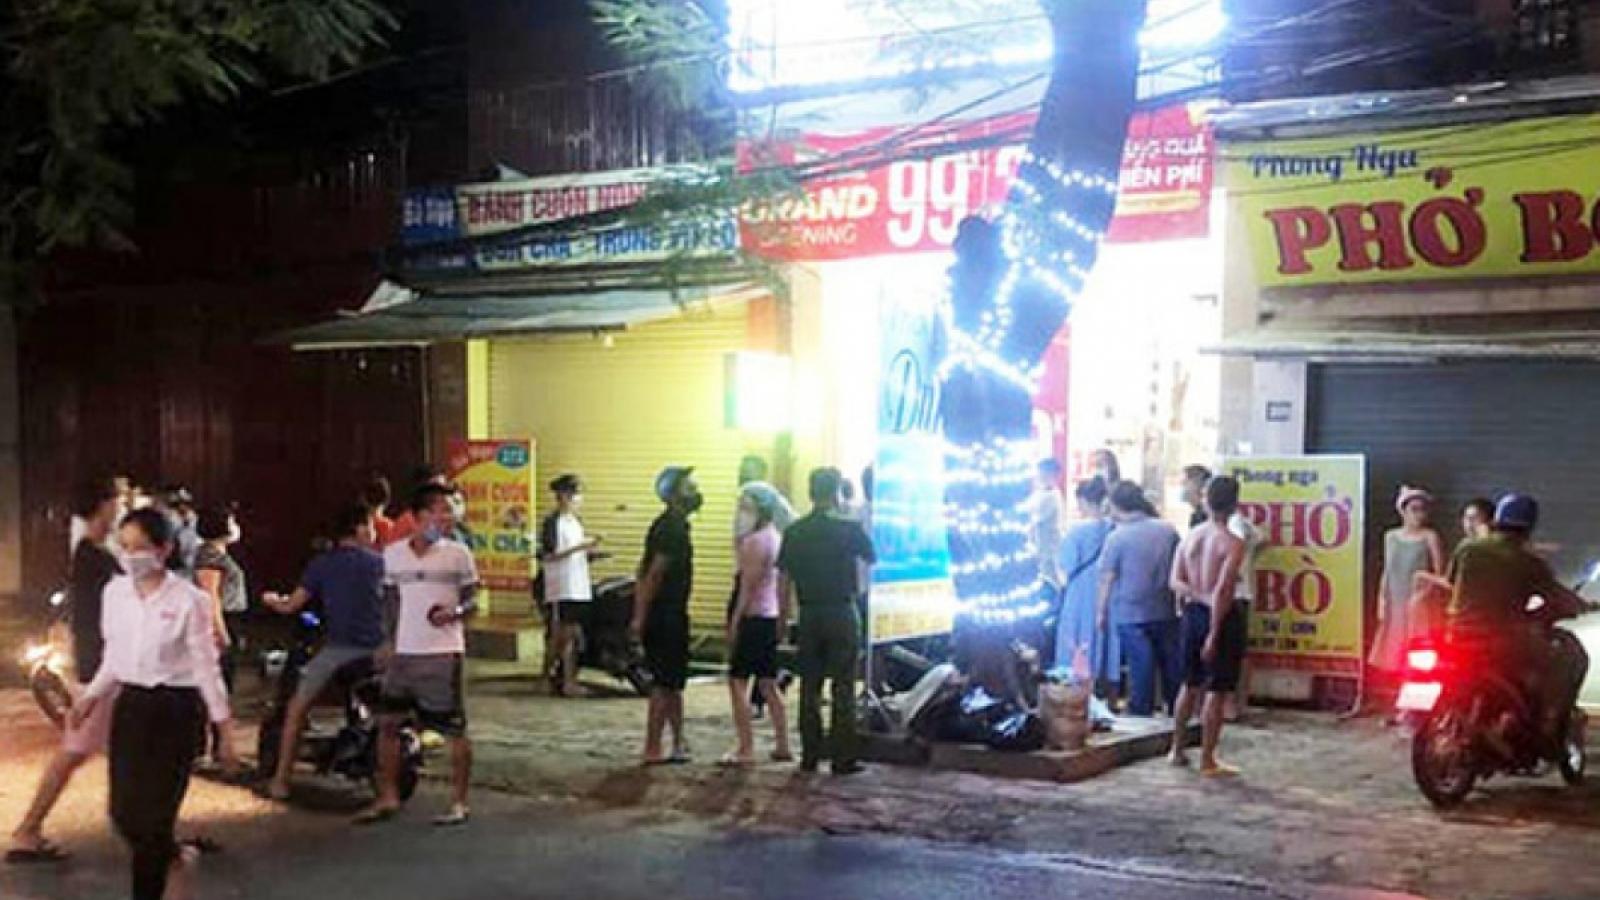 Nóng 24h: Chồng hờ sát hại chủ shop thời trang ở Hưng Yên